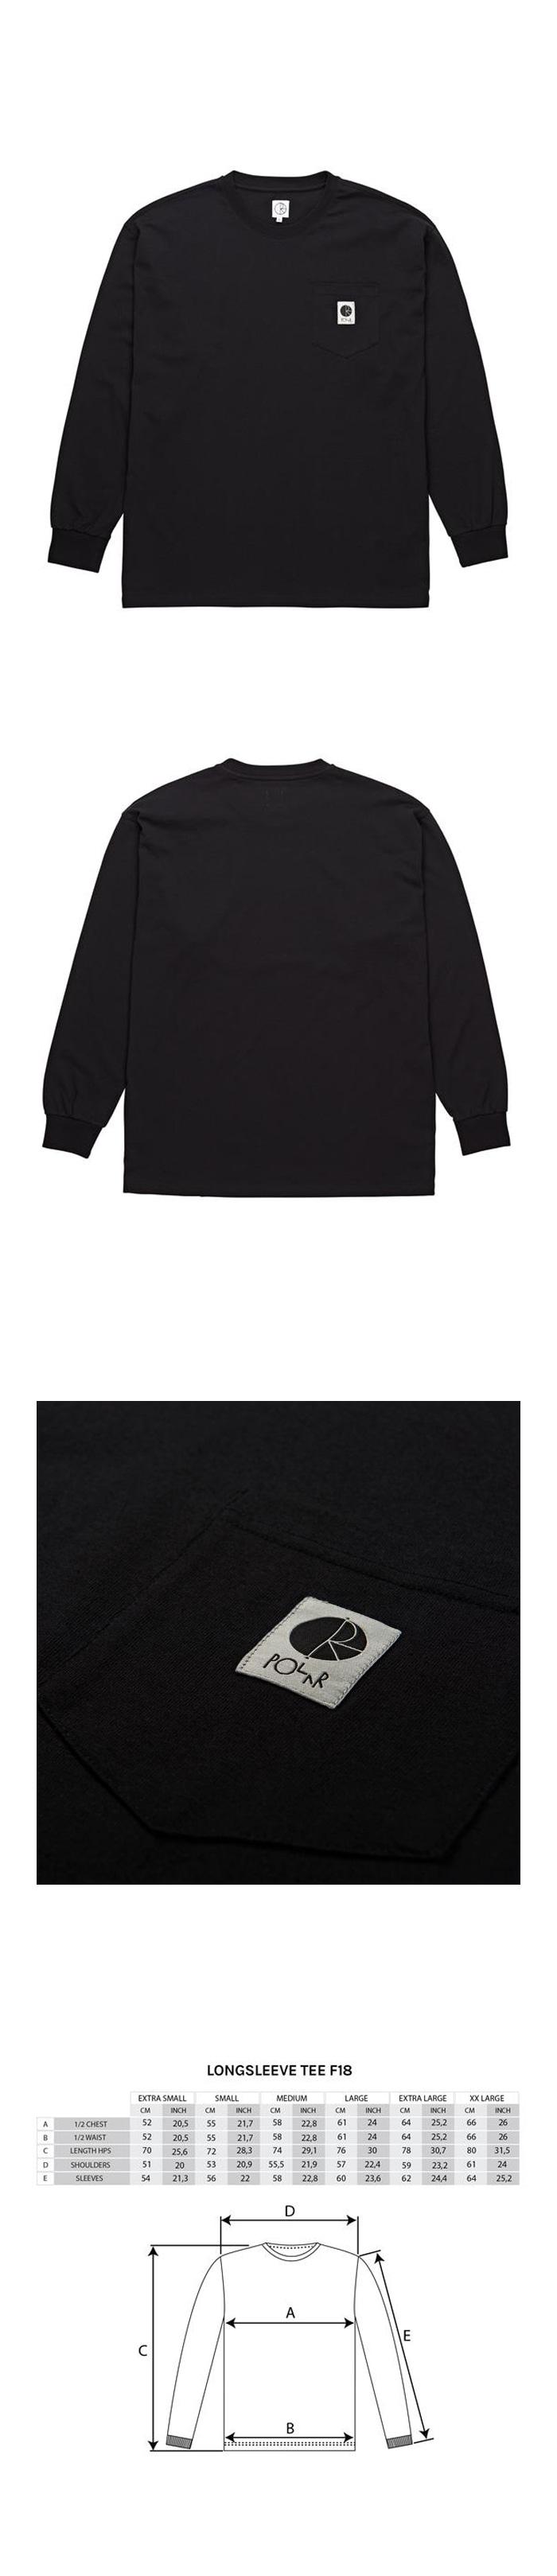 폴라(POLAR) Pocket Longsleeve - Black